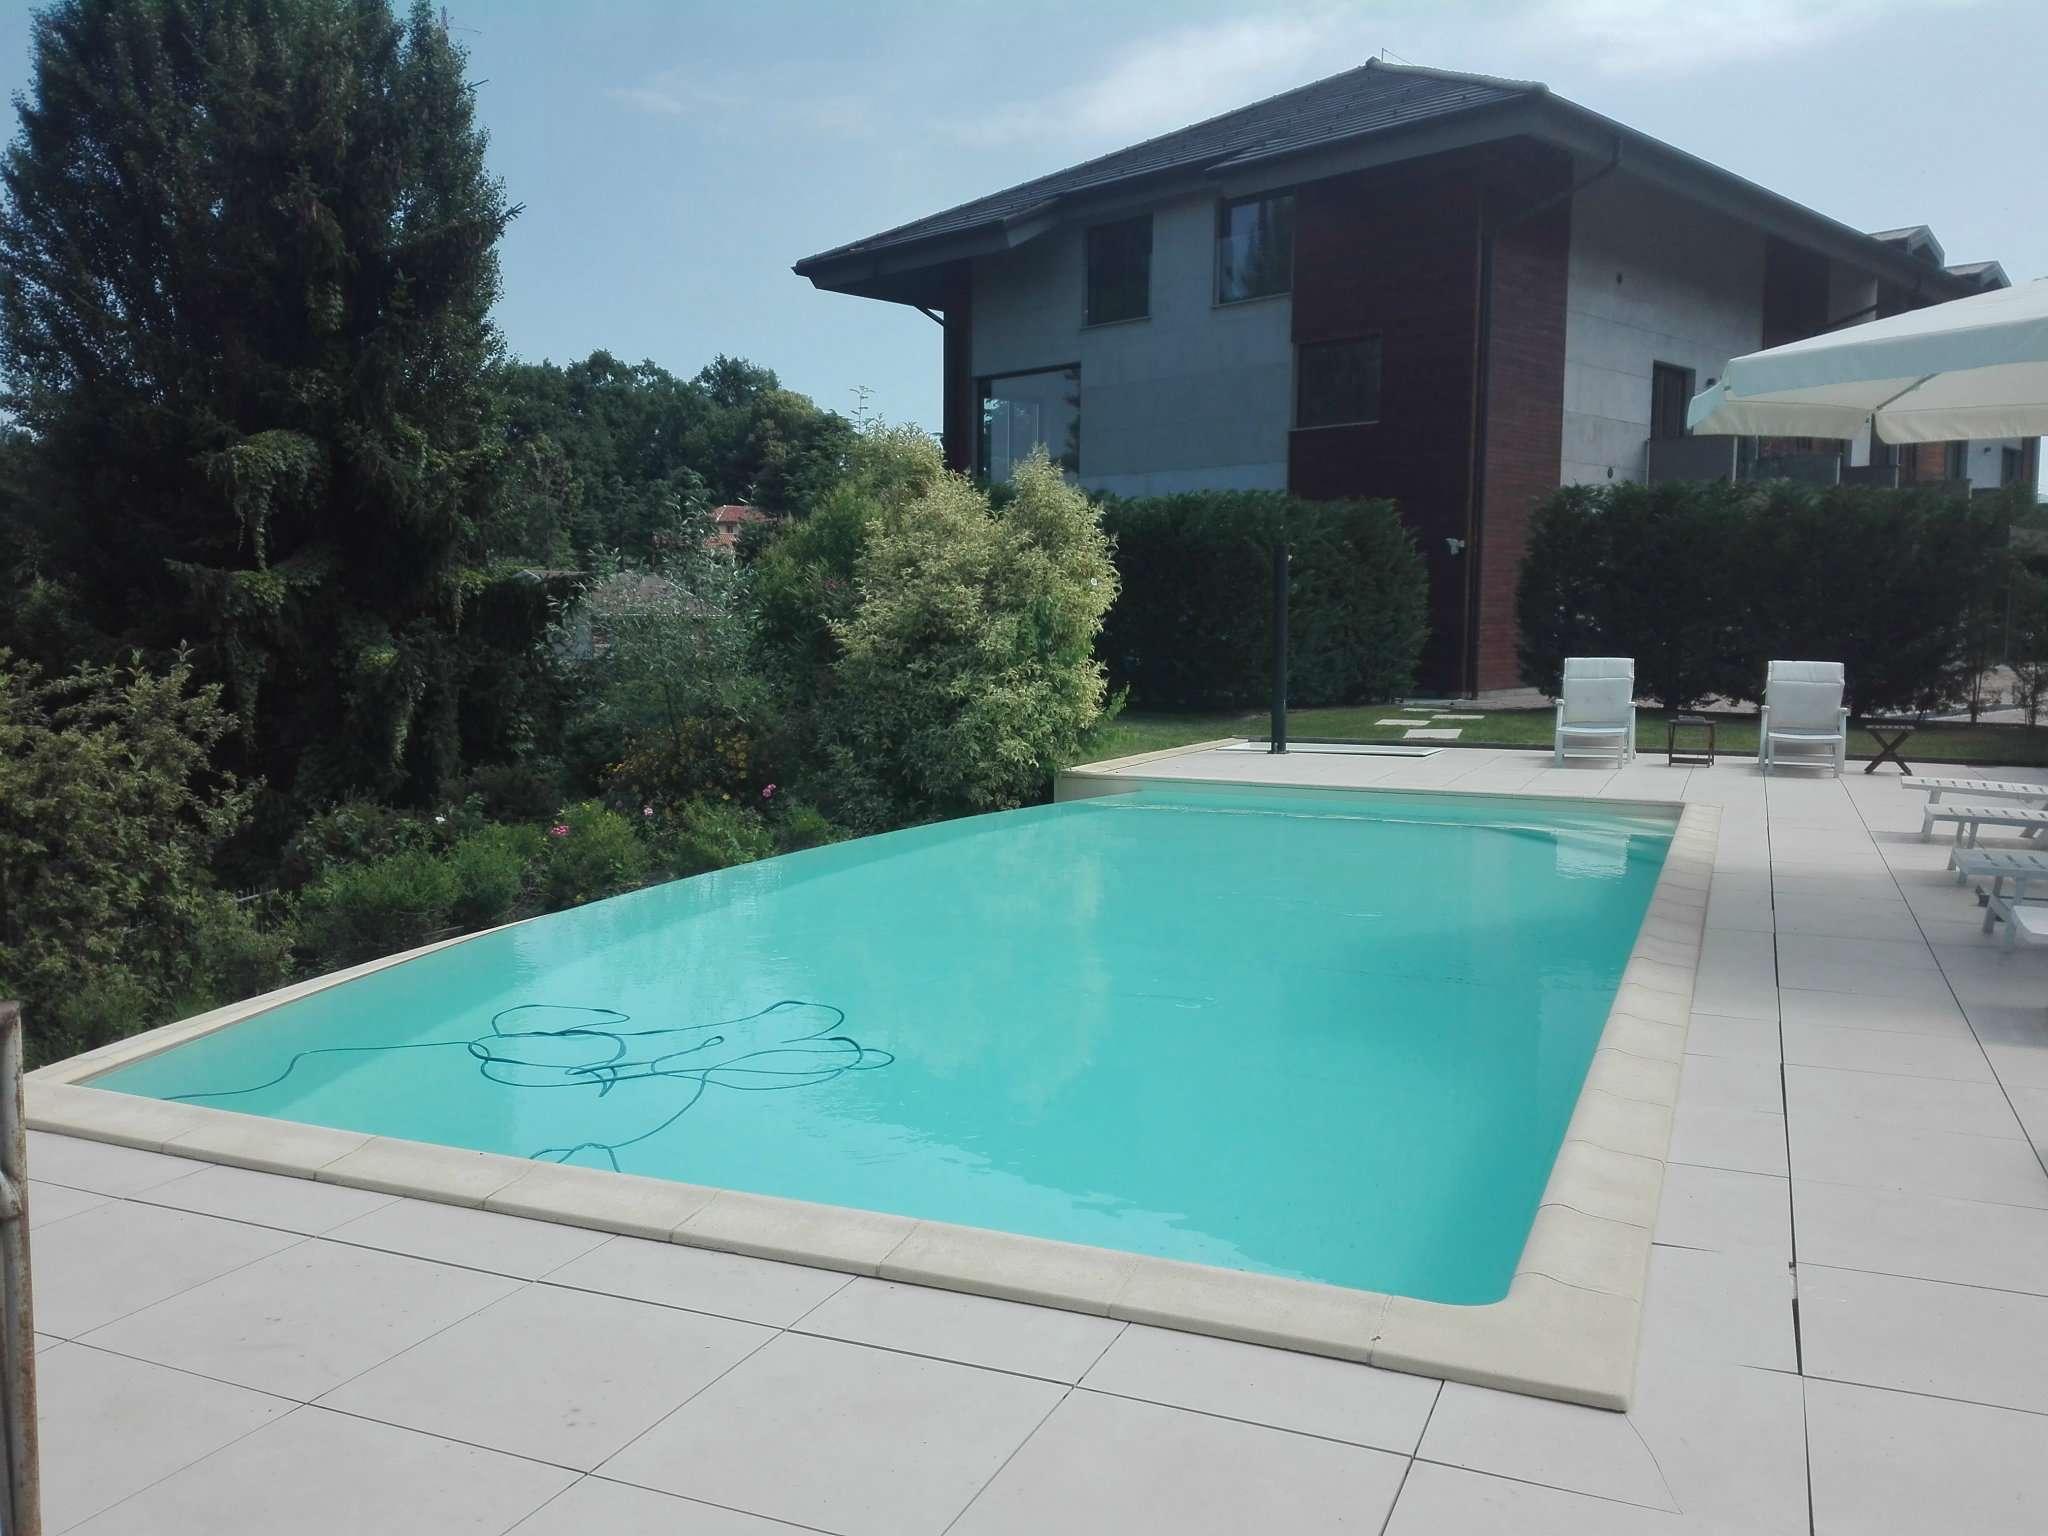 Appartamento in vendita a Pecetto Torinese, 3 locali, prezzo € 168.000 | CambioCasa.it